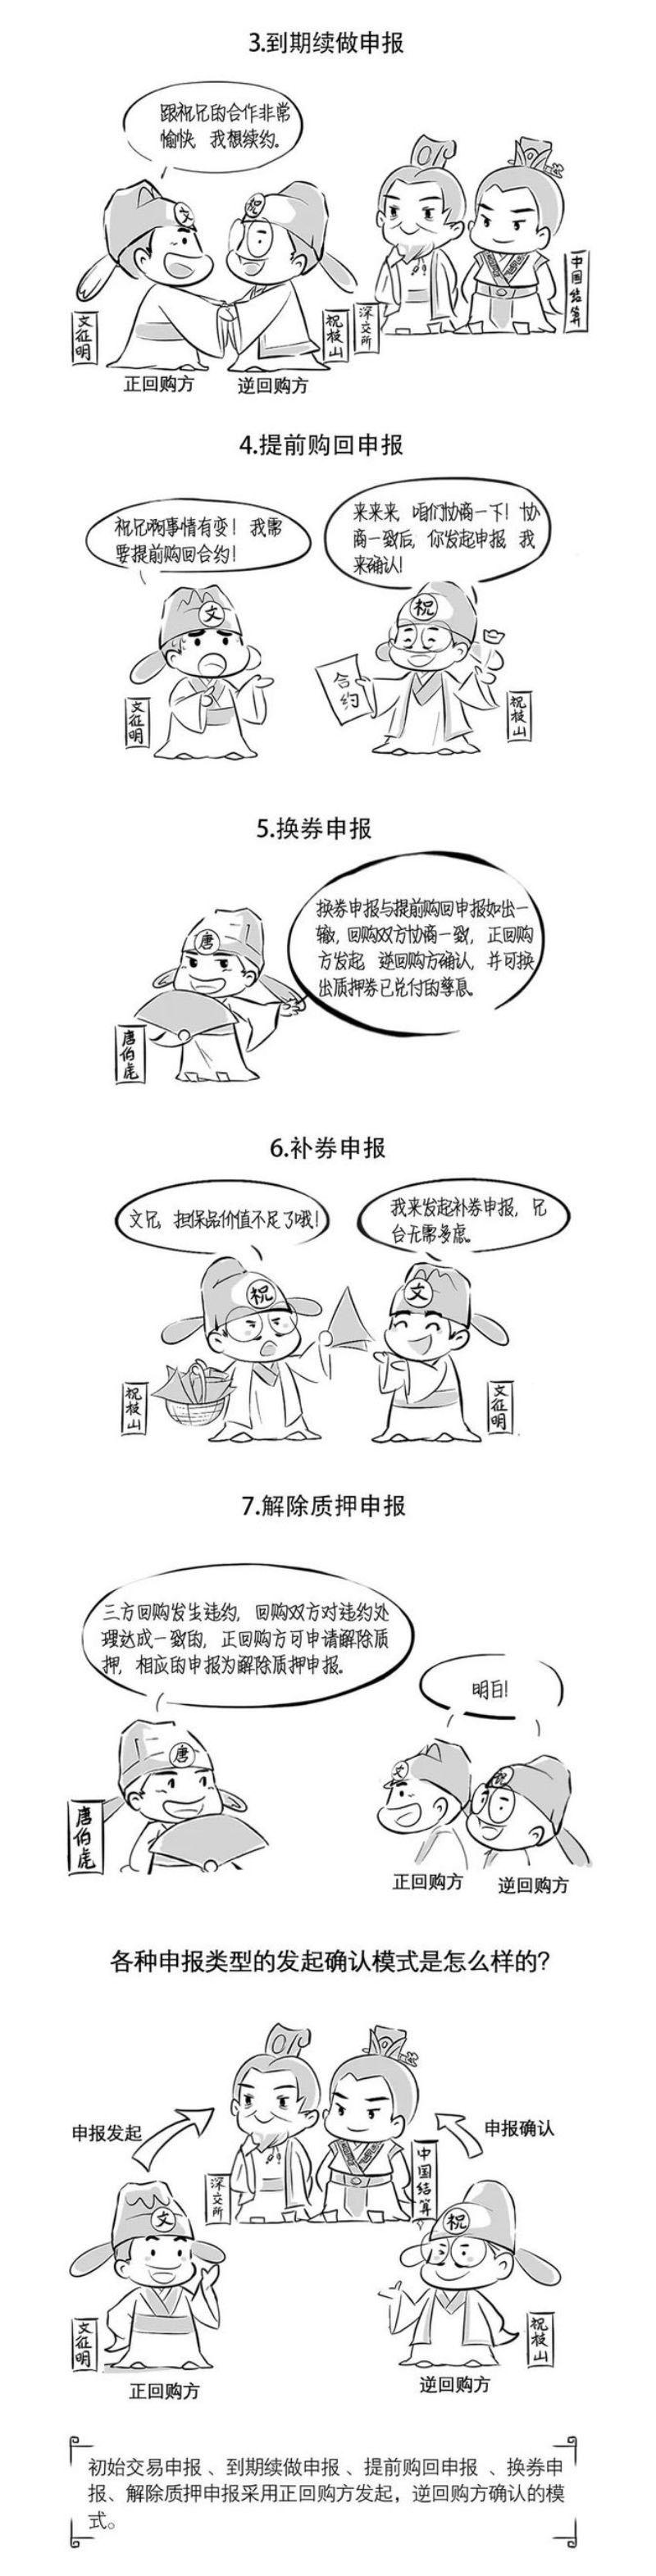 """""""深""""知新规系列之三方回购(下篇)4.jpg"""